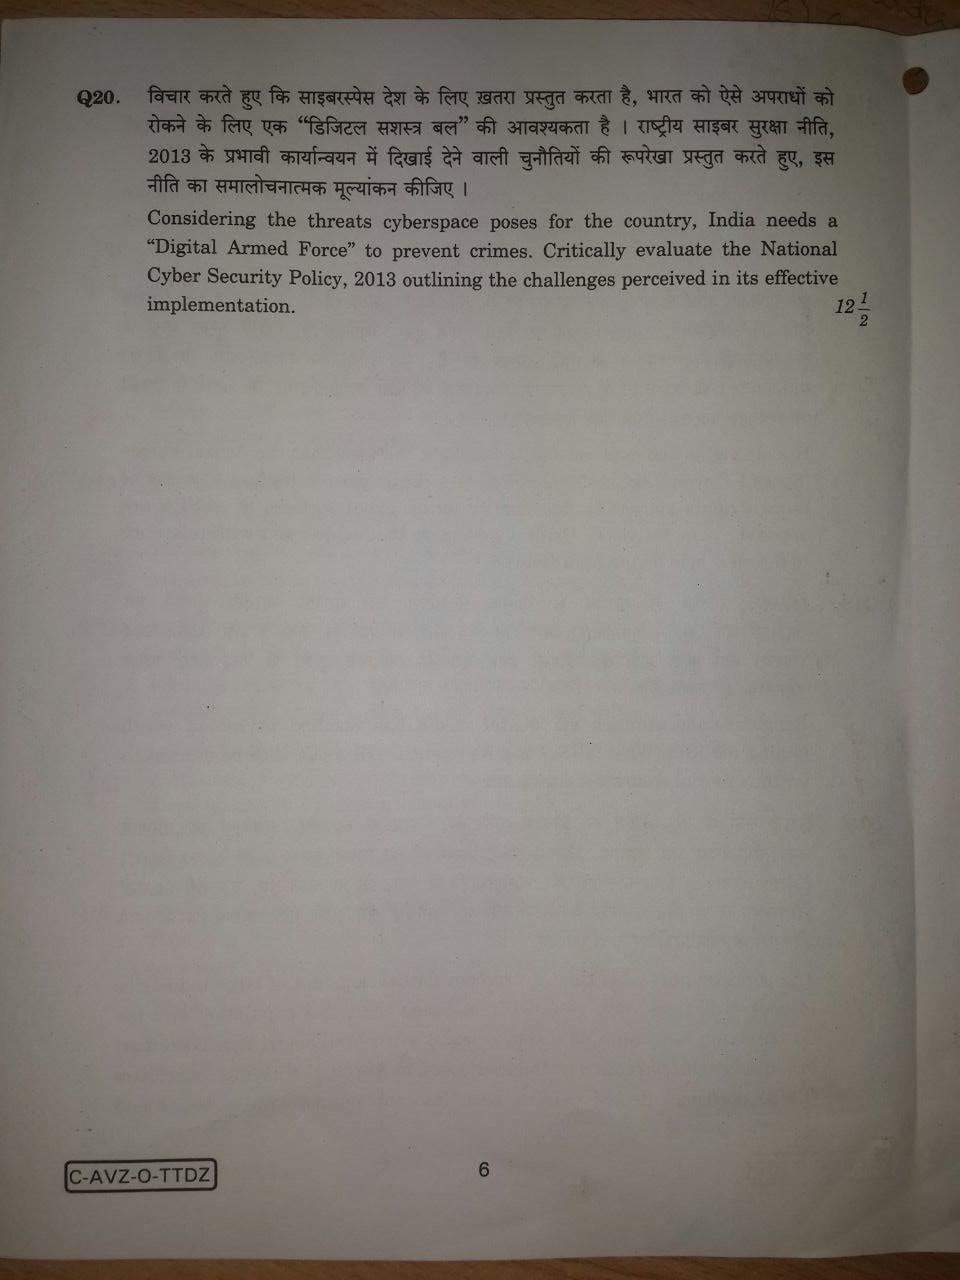 Best essay book for ias exam result